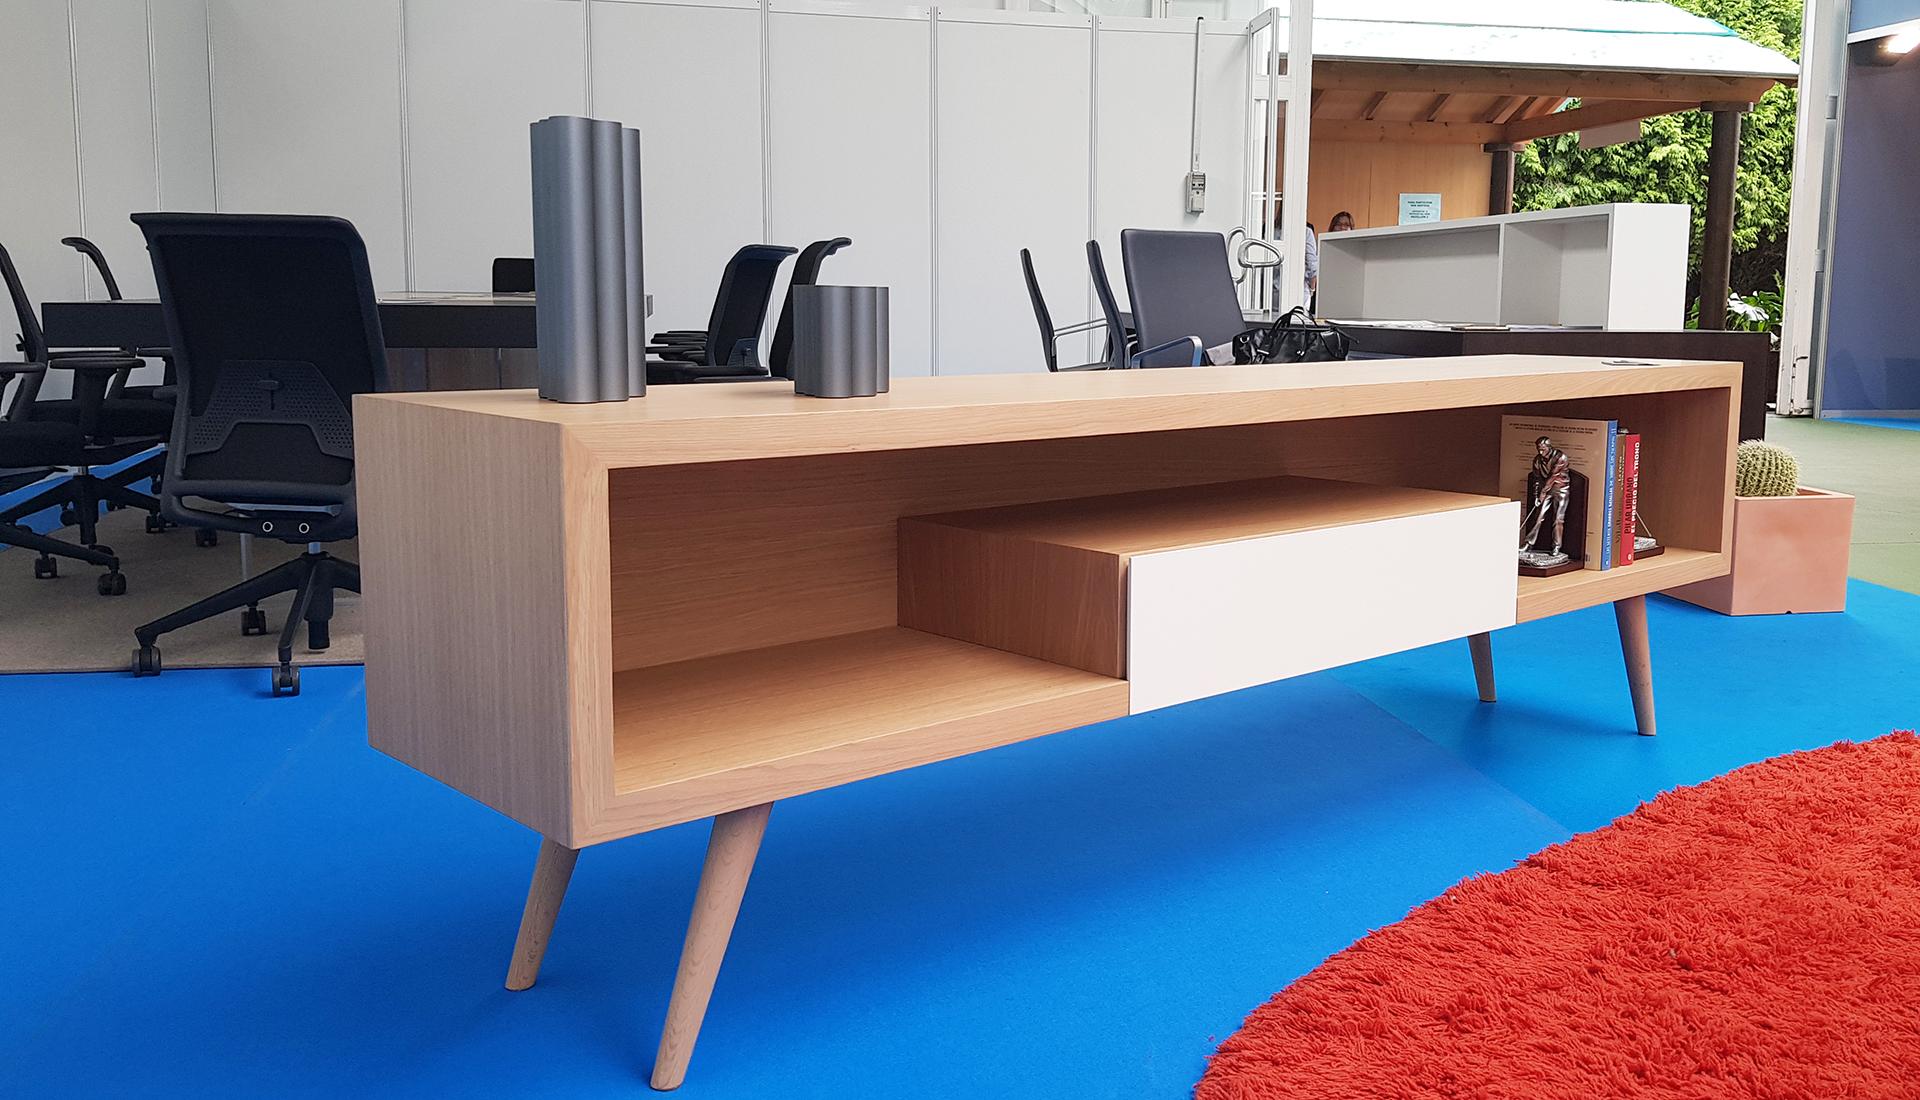 feira do moble de galicia a estrada feira do moble de galicia recinto feiral da estrada. Black Bedroom Furniture Sets. Home Design Ideas